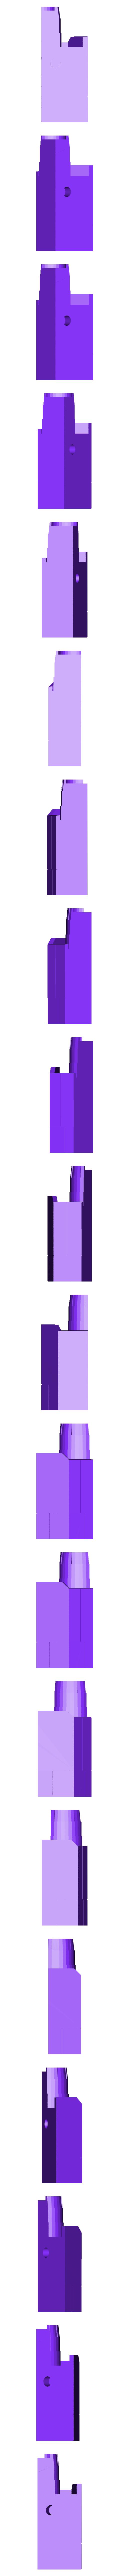 Rear_RearLower_A.stl Télécharger fichier STL gratuit Frégate Nebulon B (coupée et sectionnée) • Modèle pour impression 3D, Masterkookus